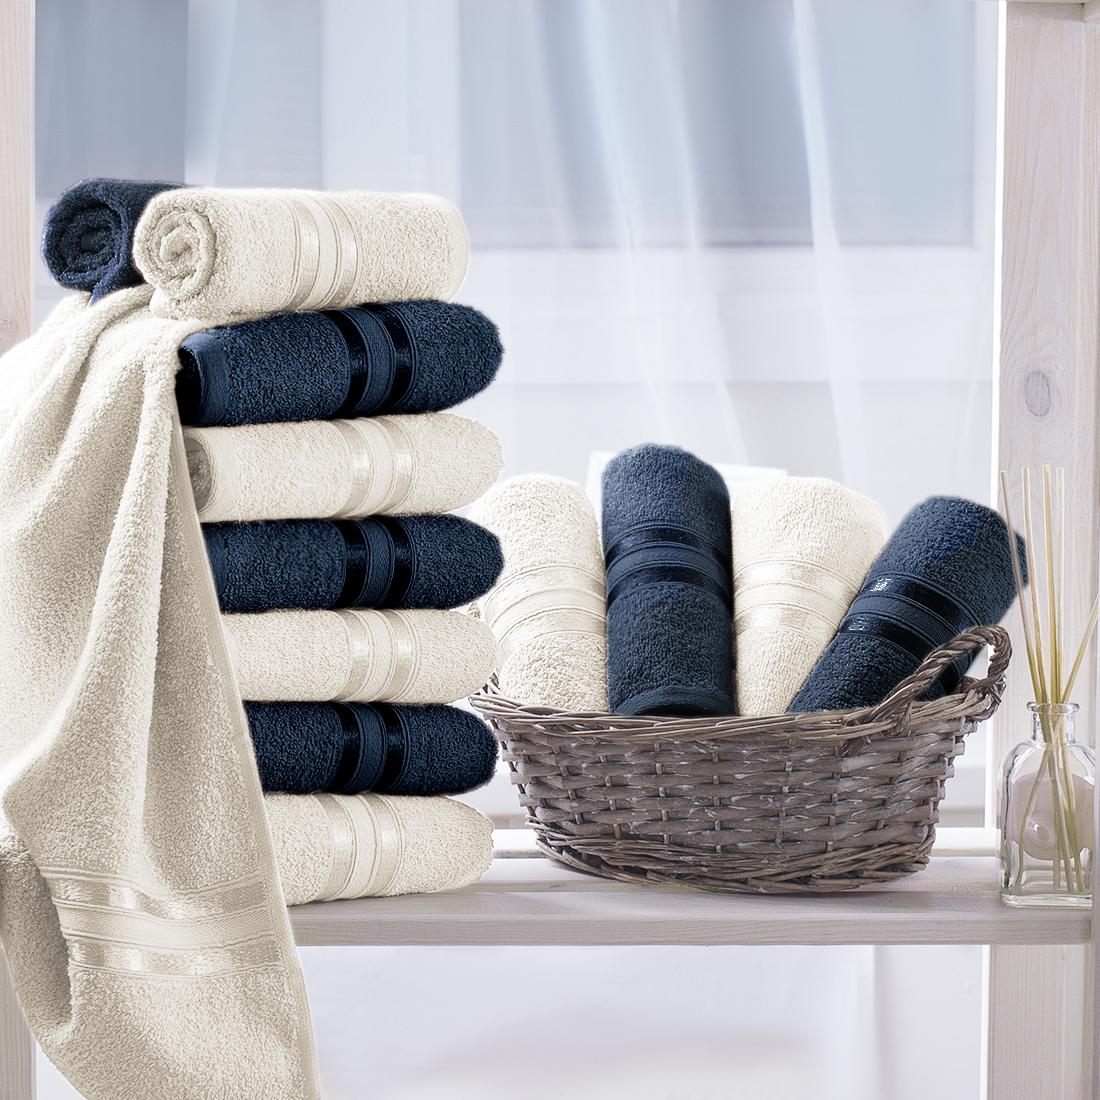 Купить Полотенца Dome, Полотенце для рук Harmonika Цвет: Темно-Синий, Молочный (33х50 см - 12 шт), Дания, Махра